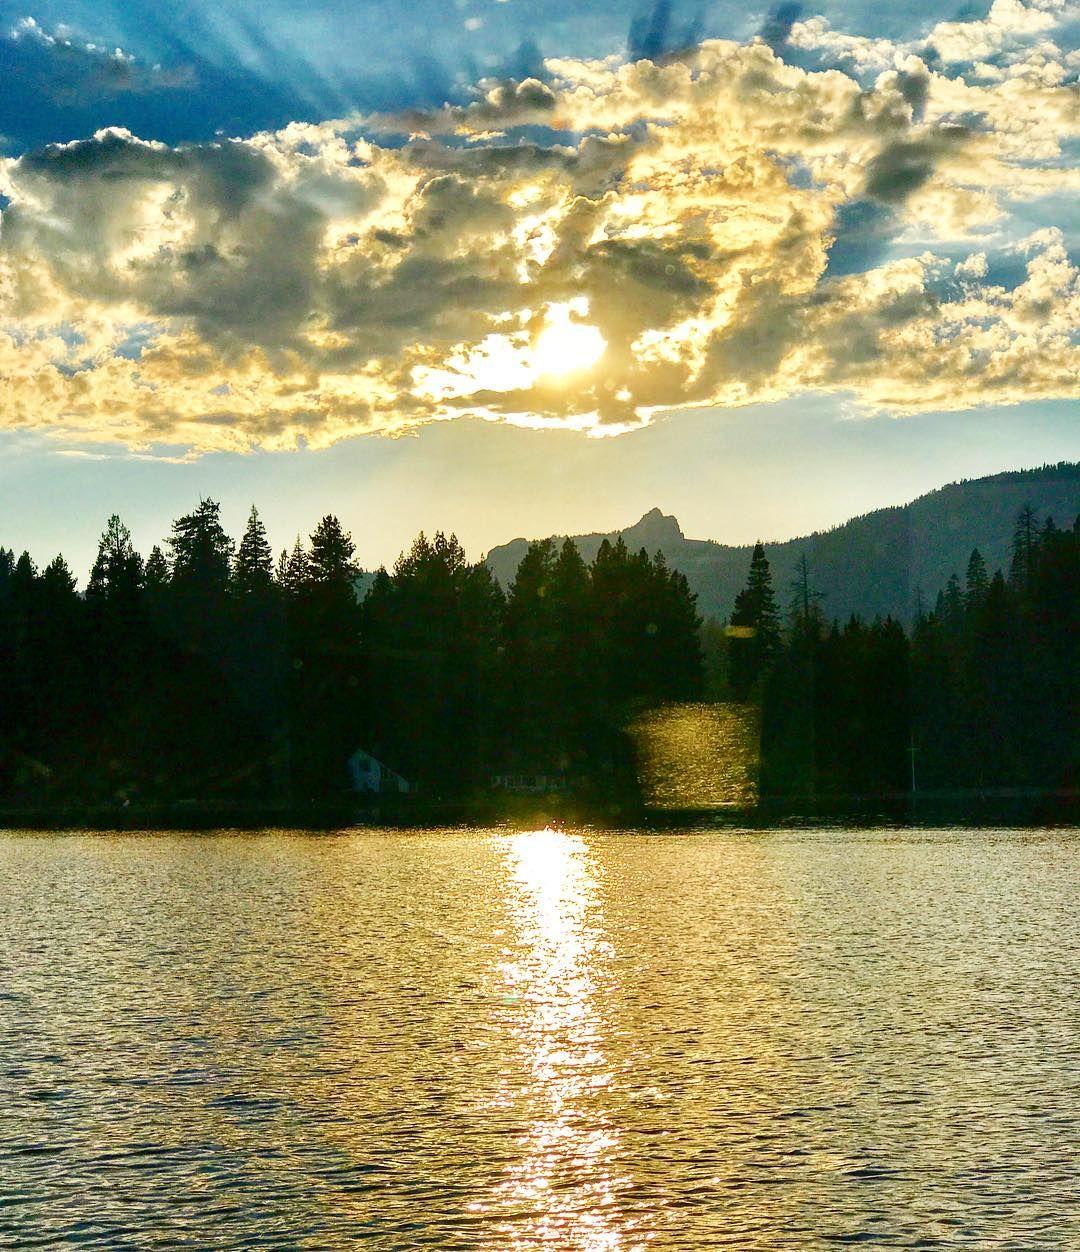 Boating around Lake Tahoe like I own this place!  . . . #hosted #RSCSummer17 #lifestyleblogger #travelblogger #laketahoe #nevada  #TravelStoke #passionpassport #worlderlust #cntraveler #pursuepretty #flashesofdelight #livecolorfully #travelblog #IFWTWA  #BeautifulDestinations #BeautifulMatters #traveldeeper #travelstoke #TravelDudes #meetthemoment #skimbaco #boatinglife #tahoe #tahoelife #lakelife